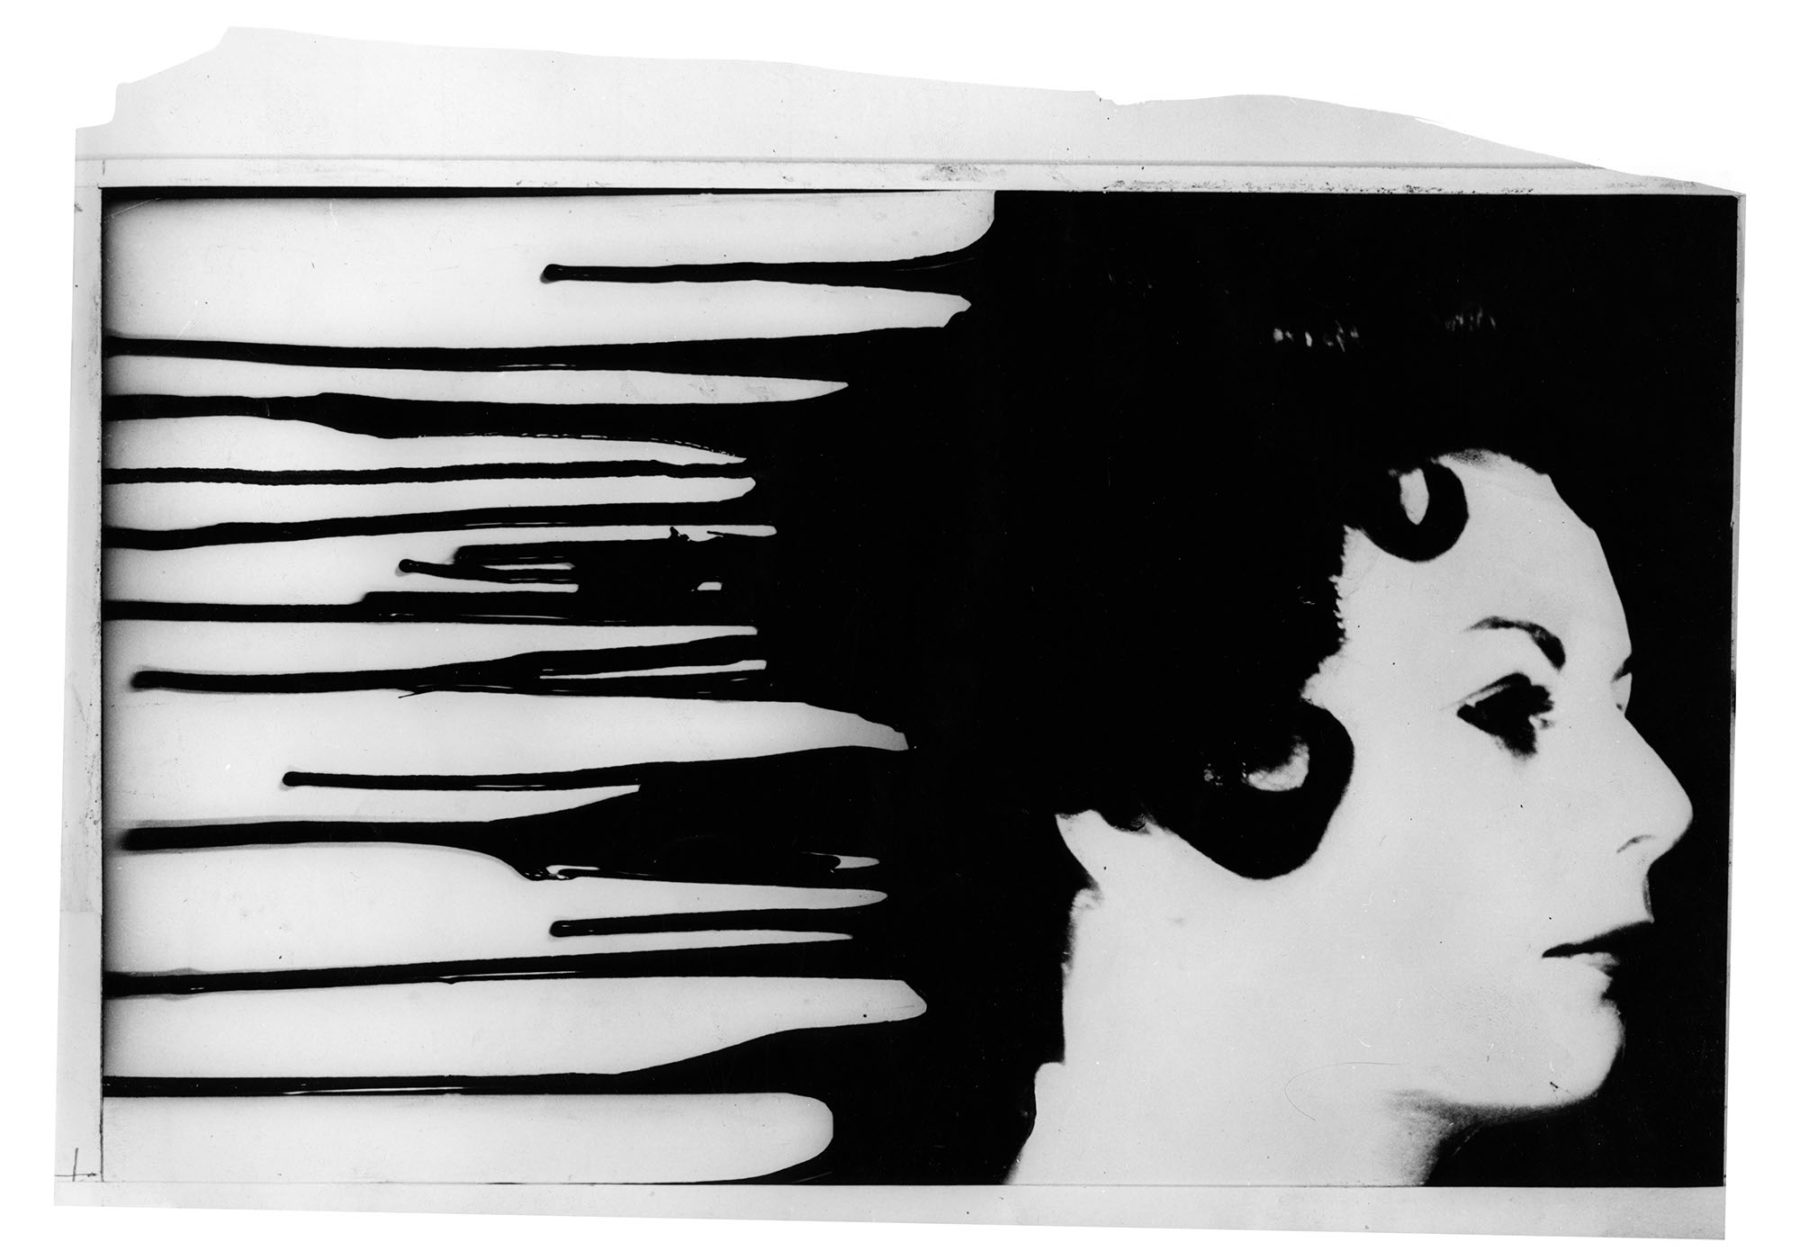 Hillmann 1961 Das verbrecherische Leben des Archibaldo de la Cruz Entwurf fuer Kleine Filmkunstreihe Fotomontage 30x21 cm